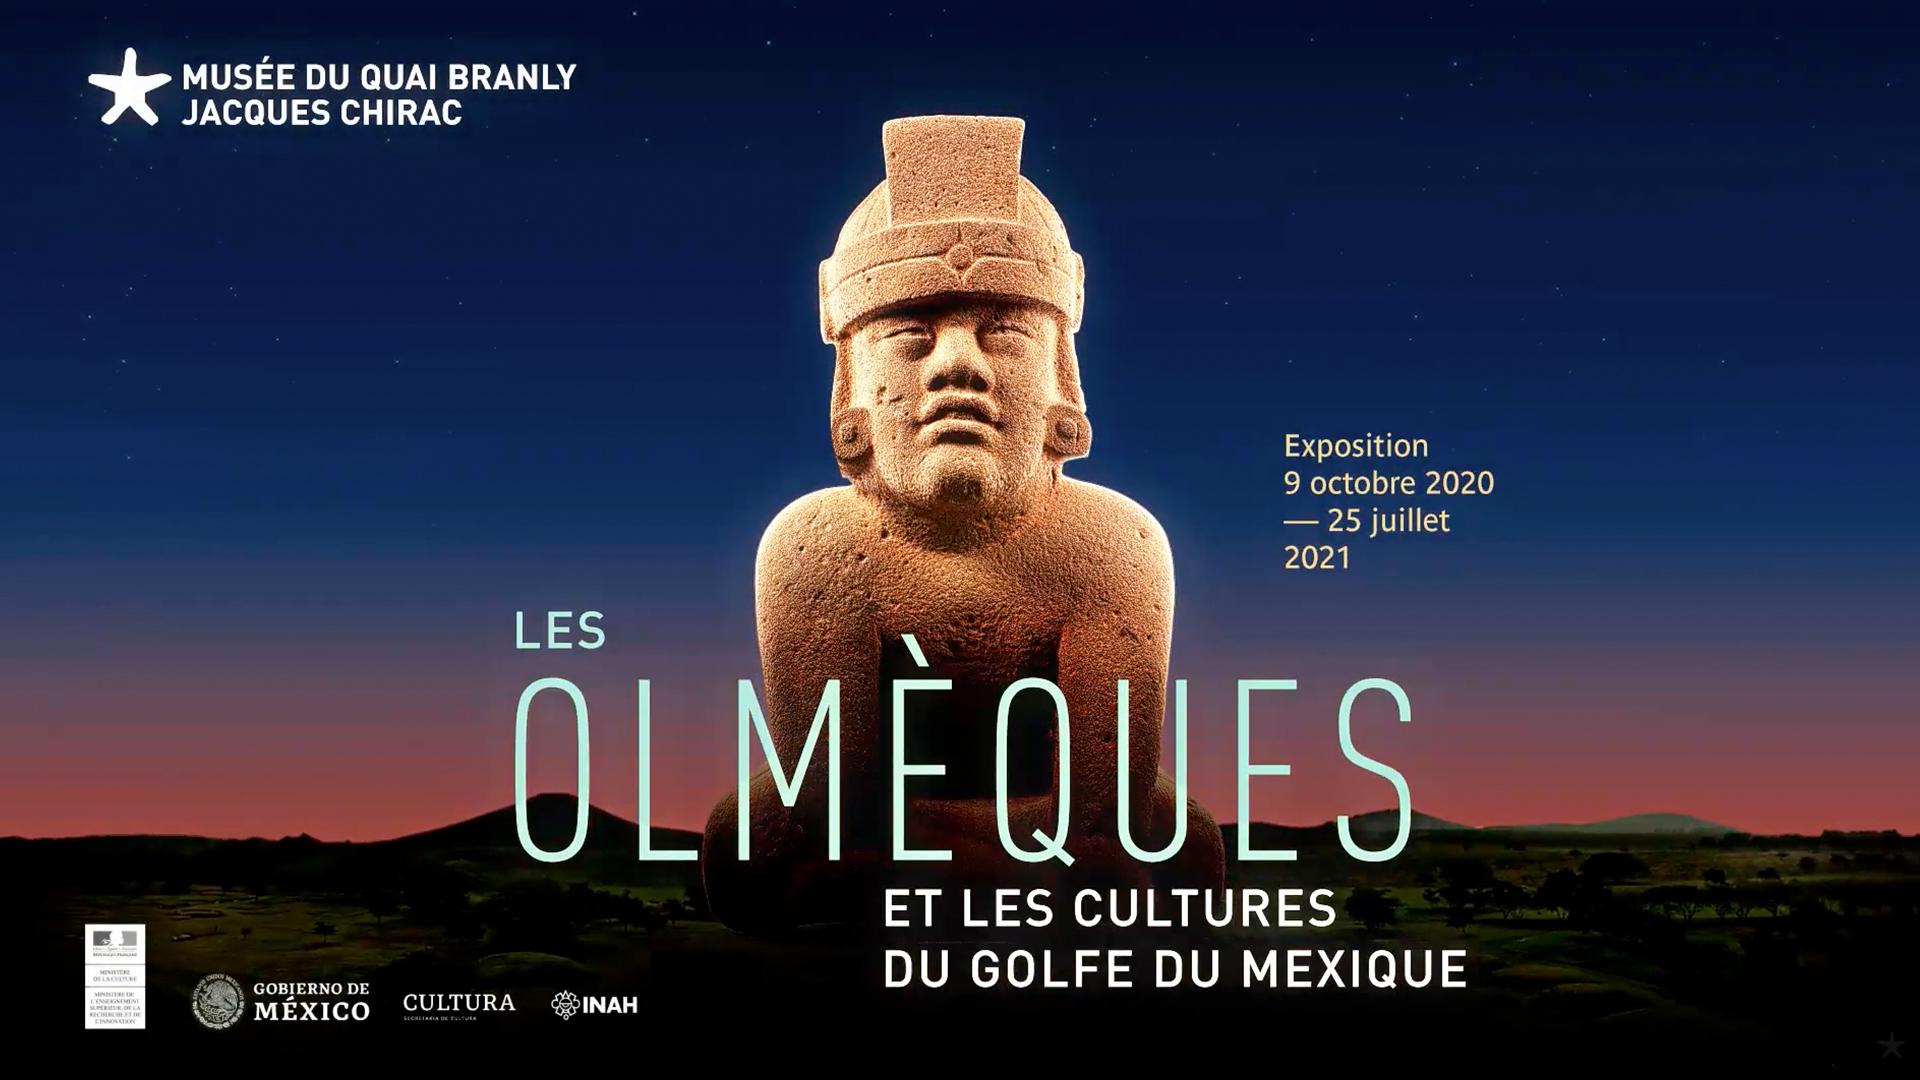 Exposition OMEQUES - Musée du Quai Branly